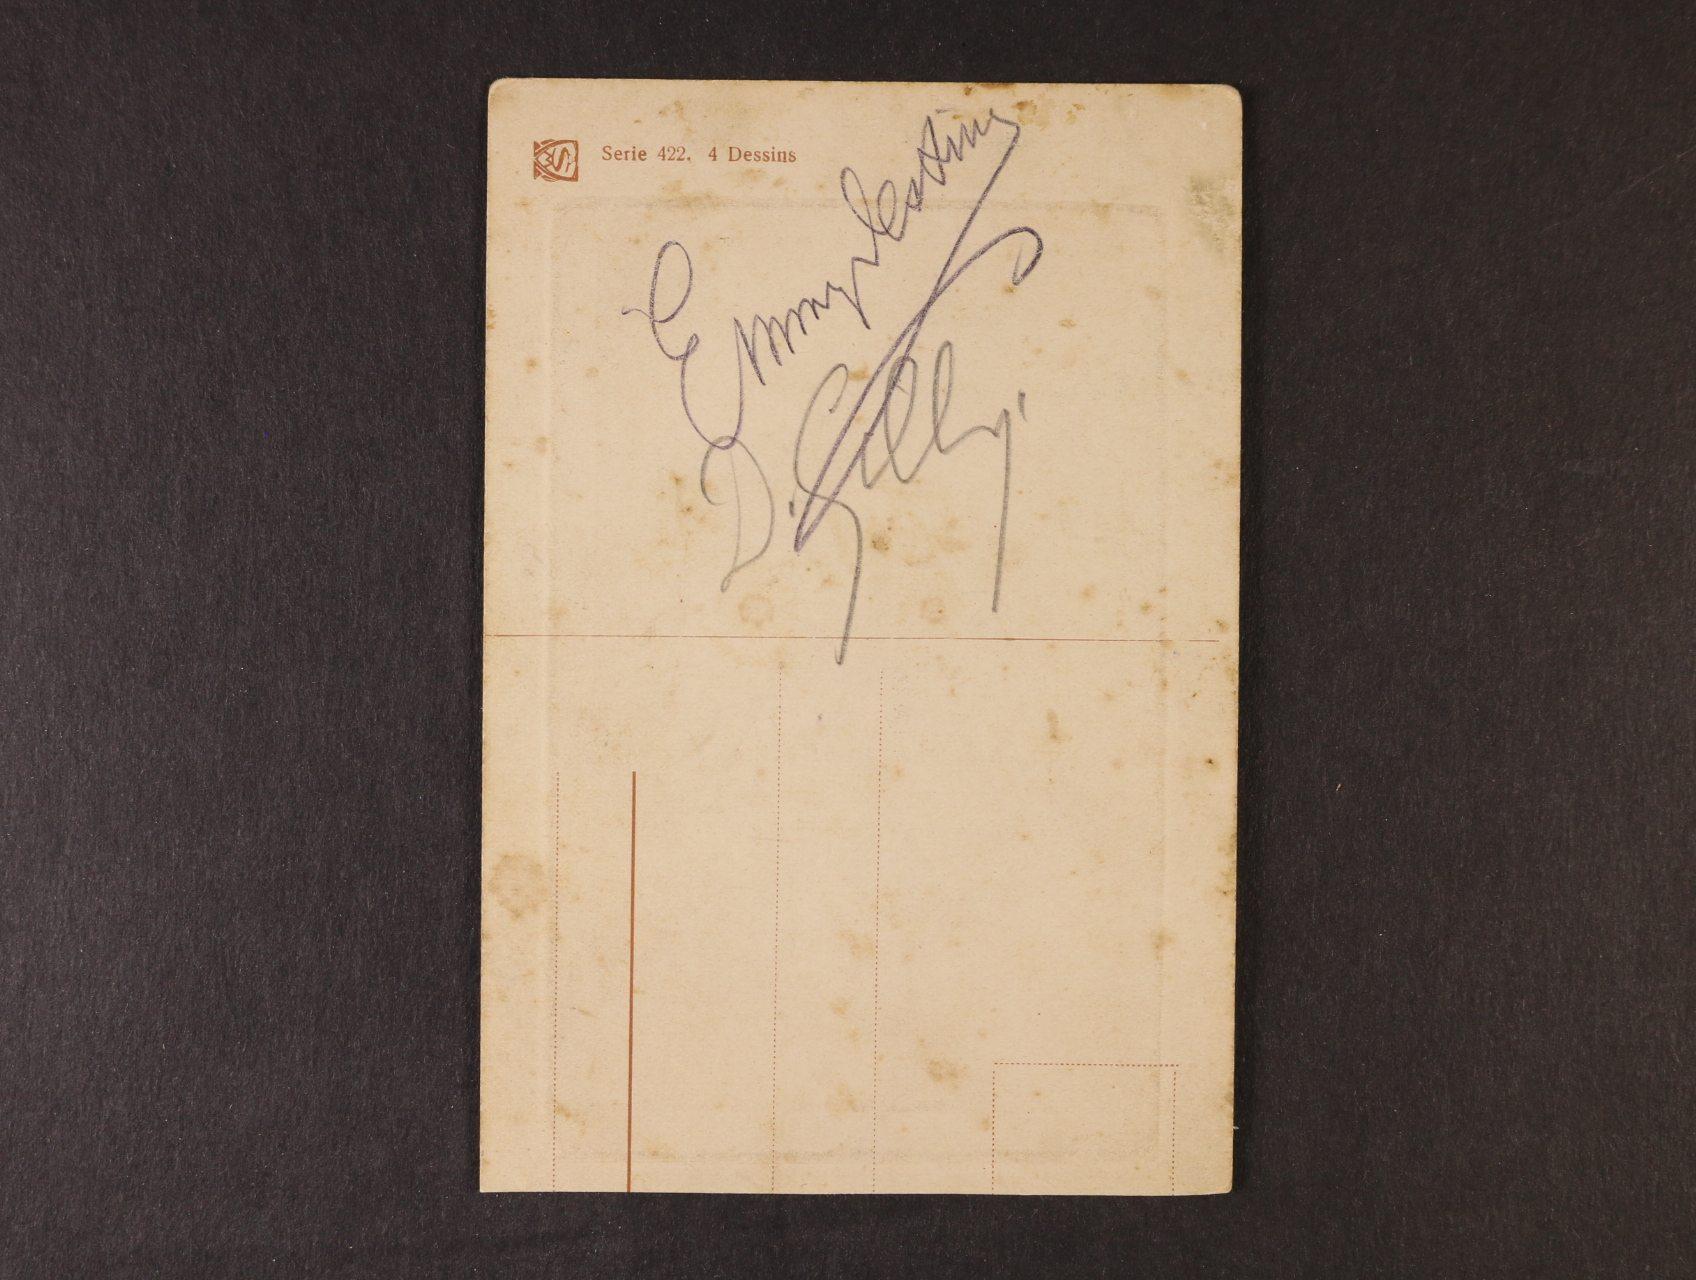 Destinová Ema 1878 - 1930, vl. jménem E.P.J. Kitlová, světoznámá operní pěvkyně - pohlednice s vlastnoručním podpisem + podpis jejího přítele D. Silli, zajímavé